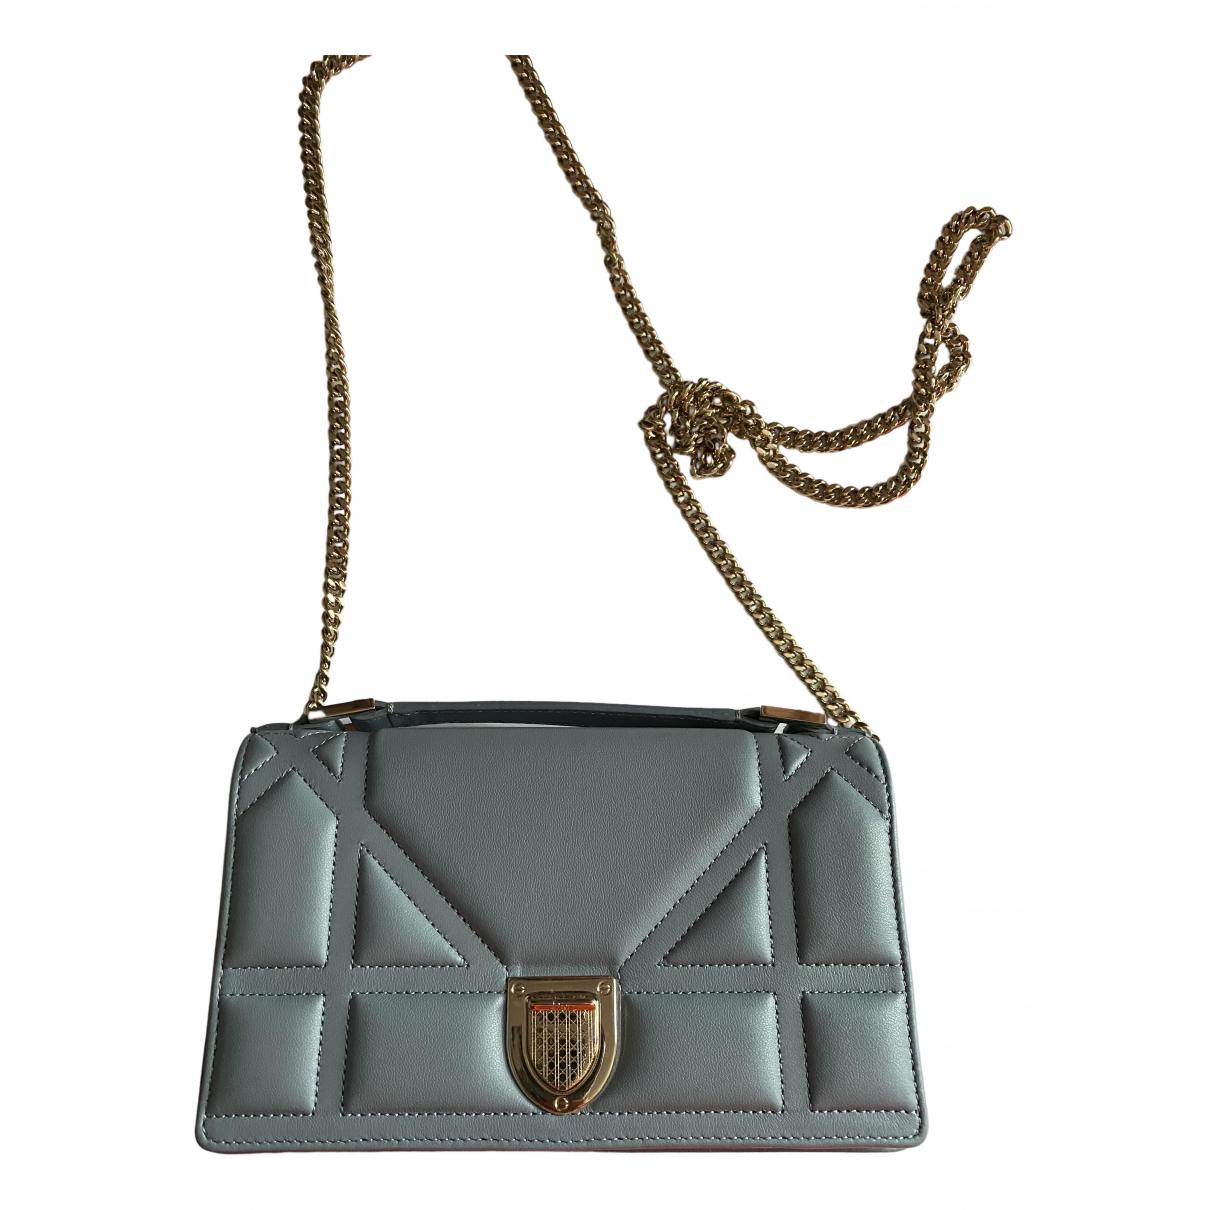 Dior - Sac a main Diorama pour femme en cuir - gris